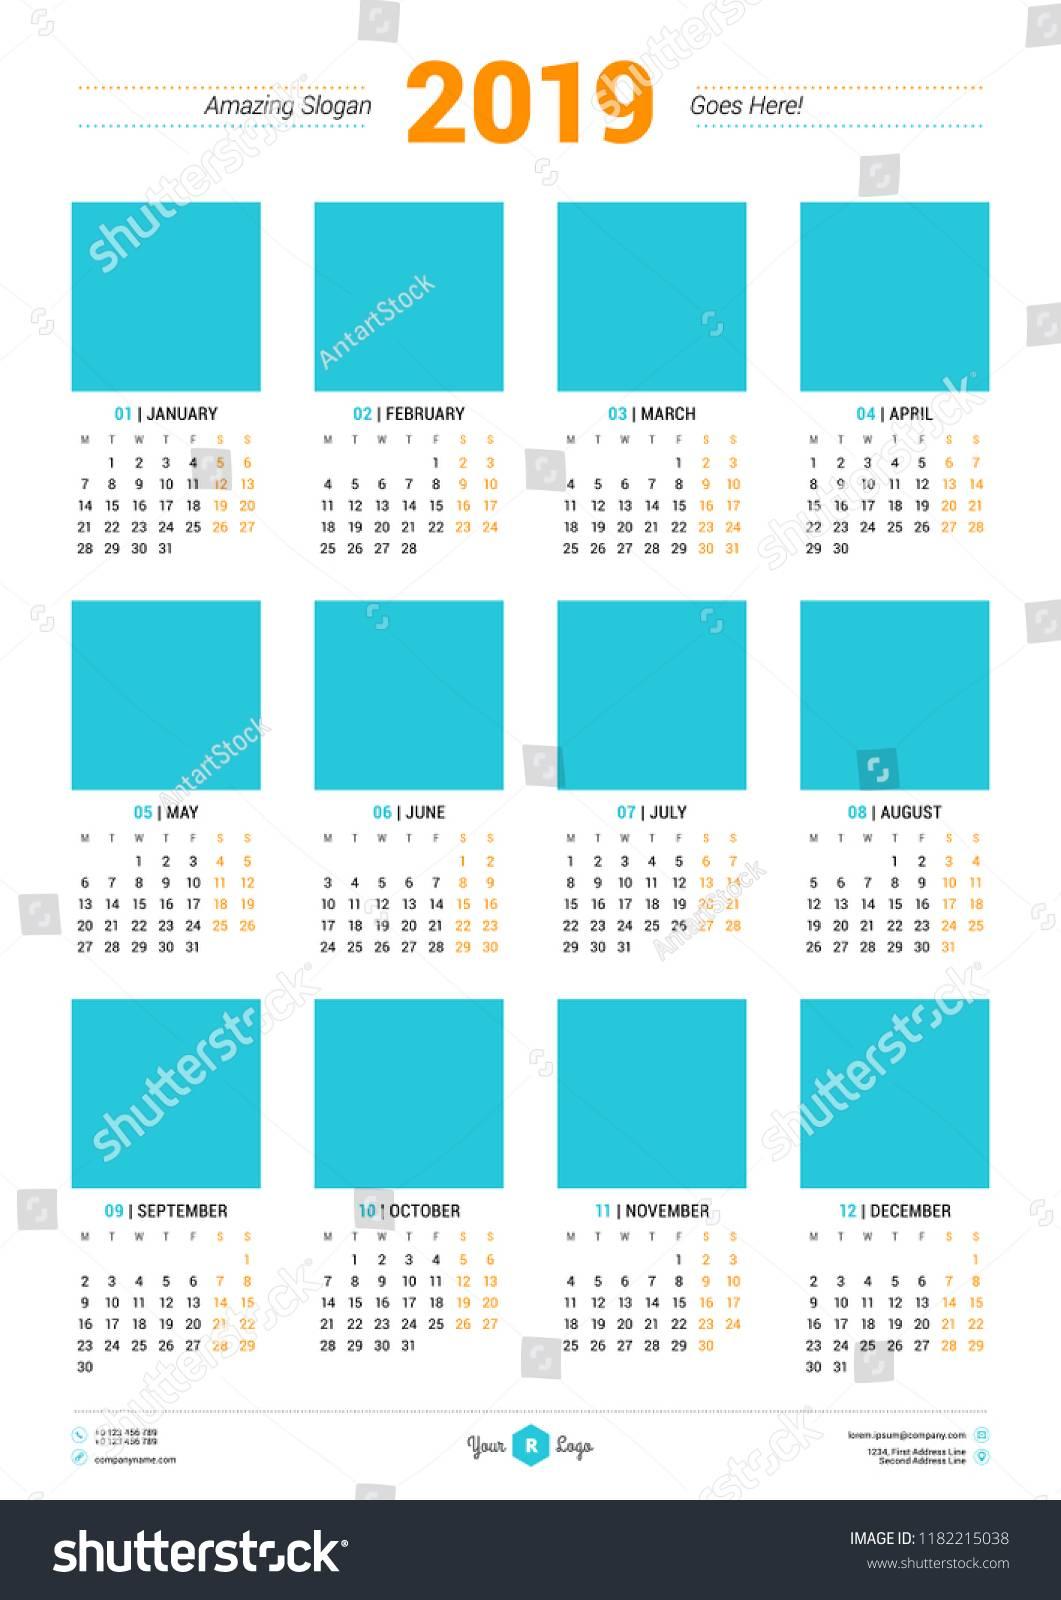 Poster Size Calendar Template